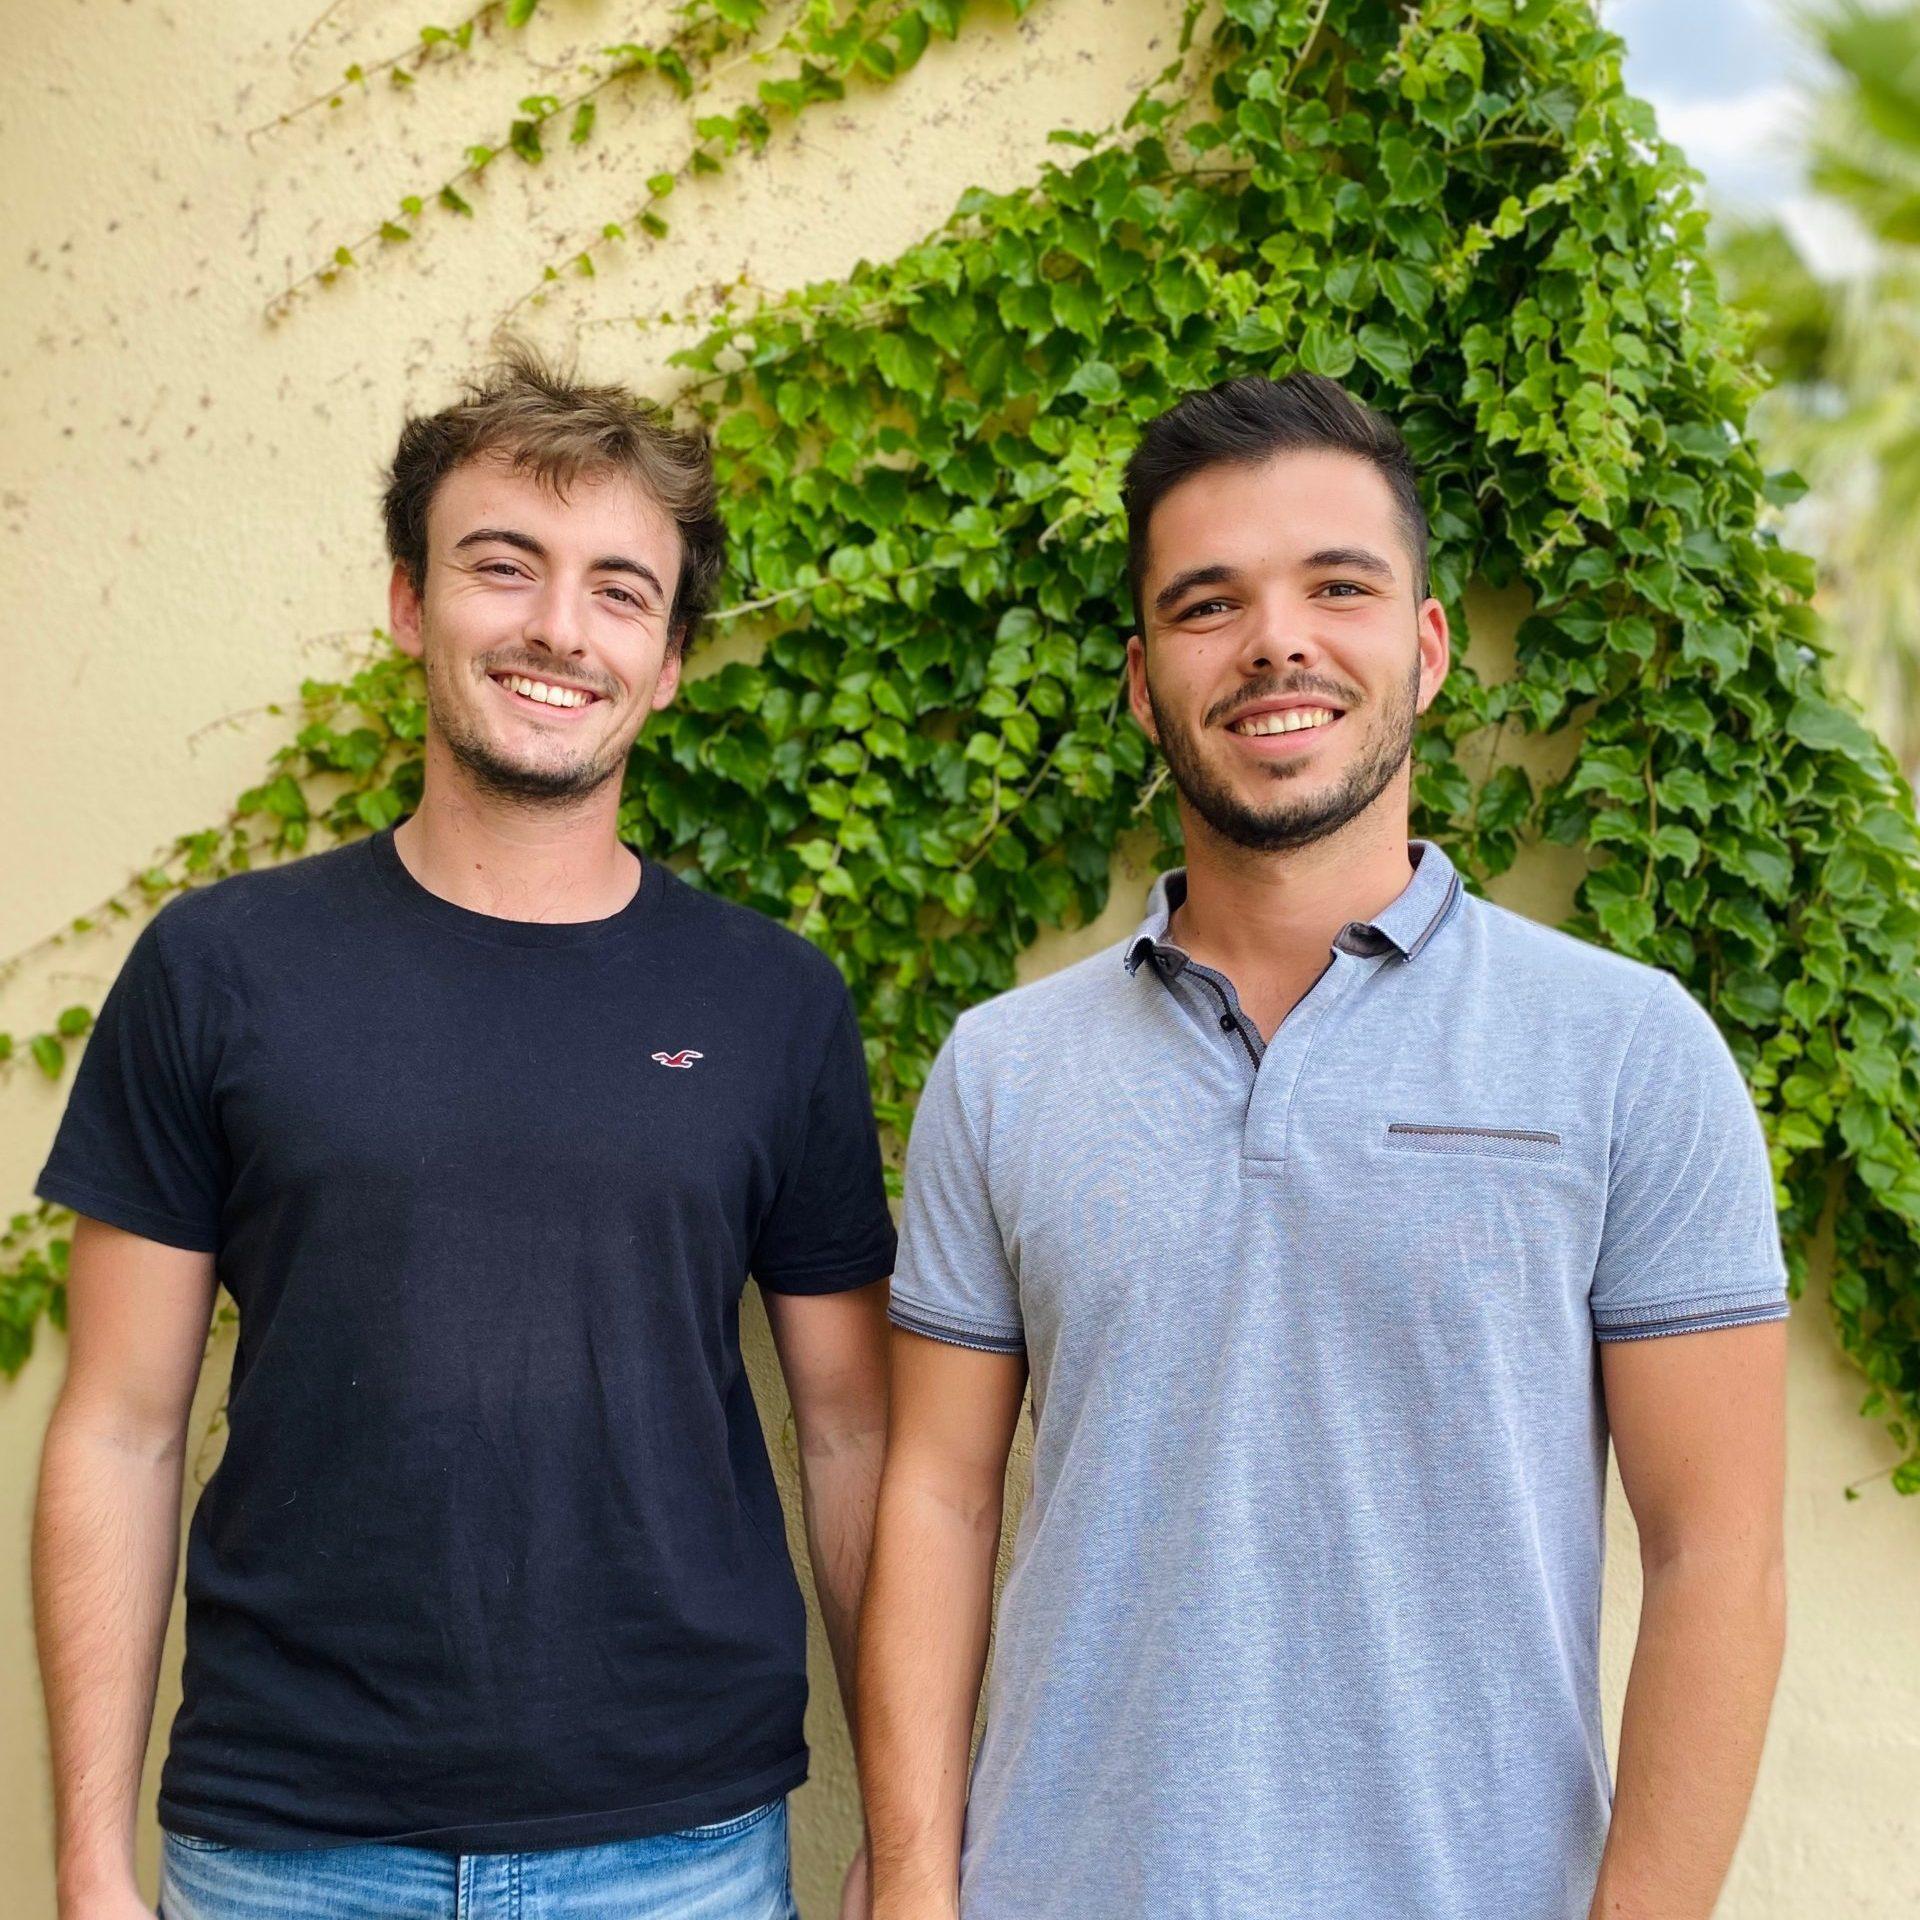 Tom et thomas fondateurs de greenkit, photo carrée